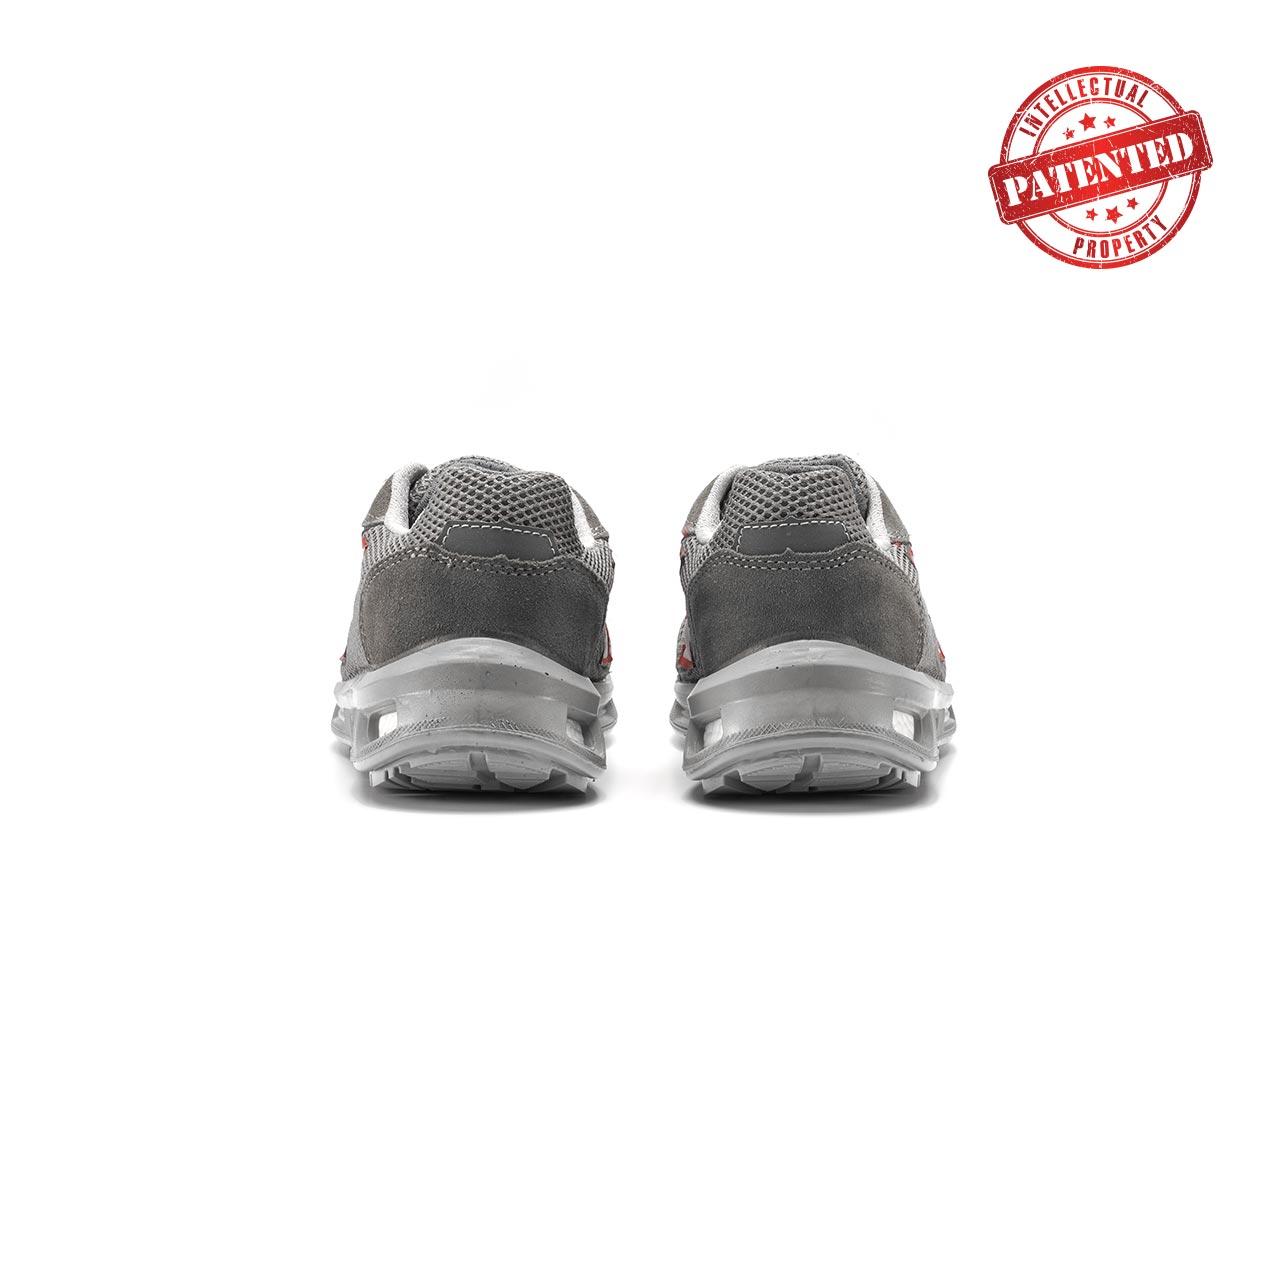 paio di scarpe antinfortunistiche upower modello frequency linea redlion vista retro